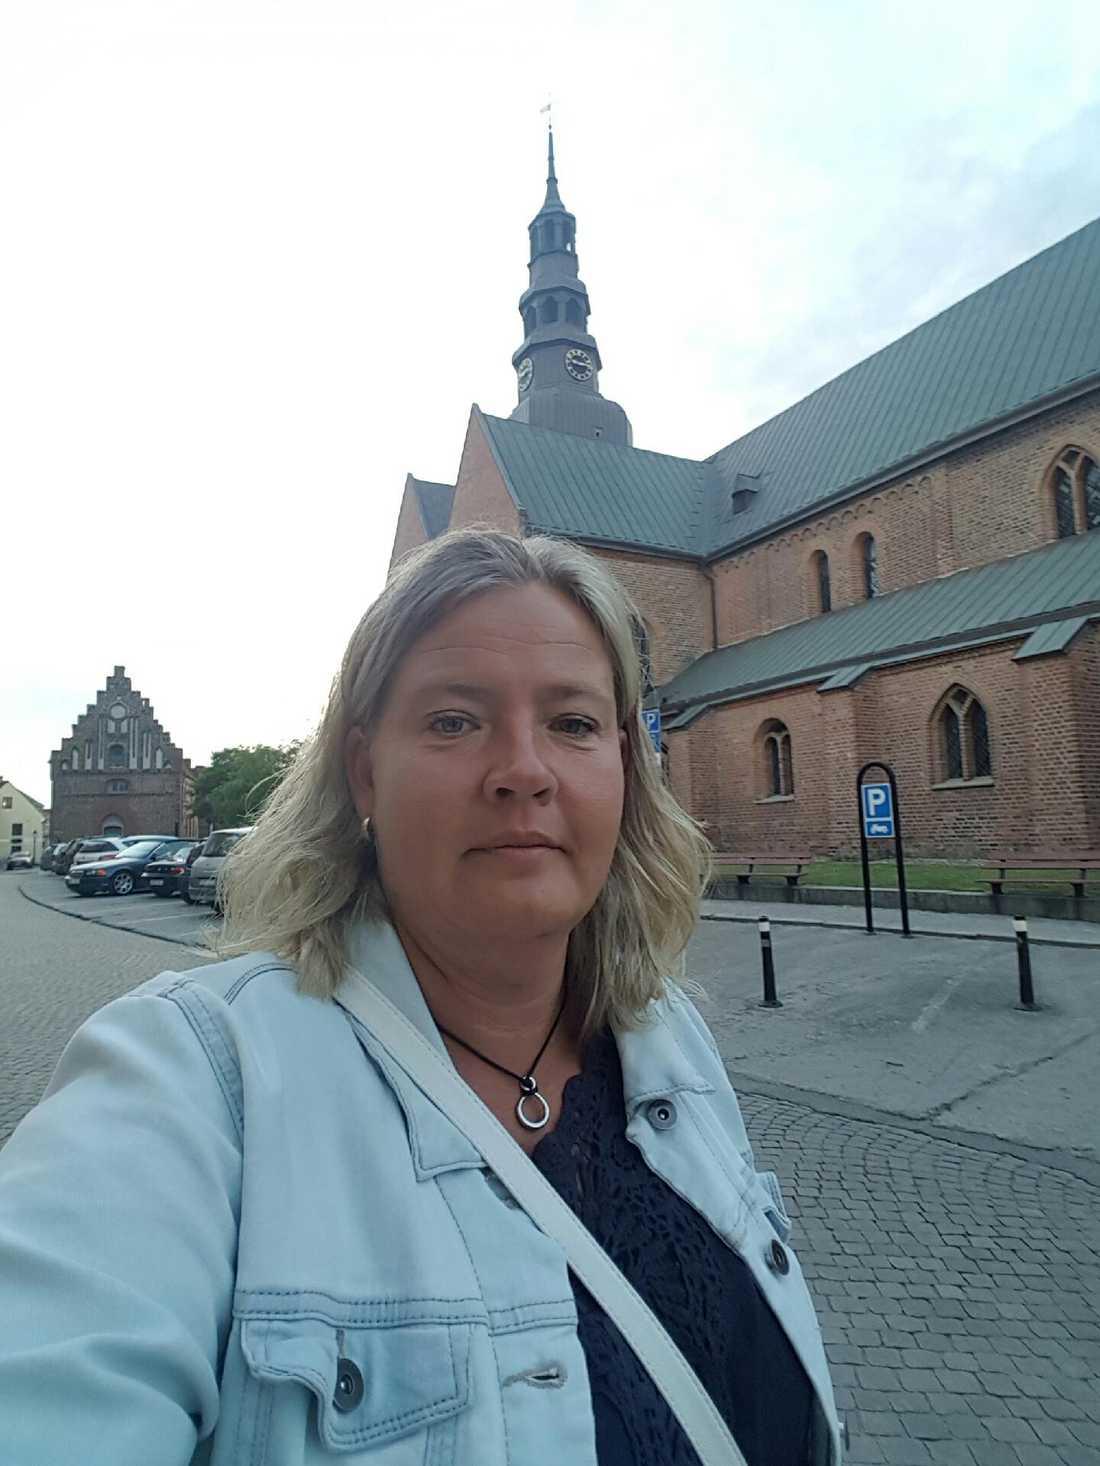 Ulrika Andersson hann precis fotografera attacken